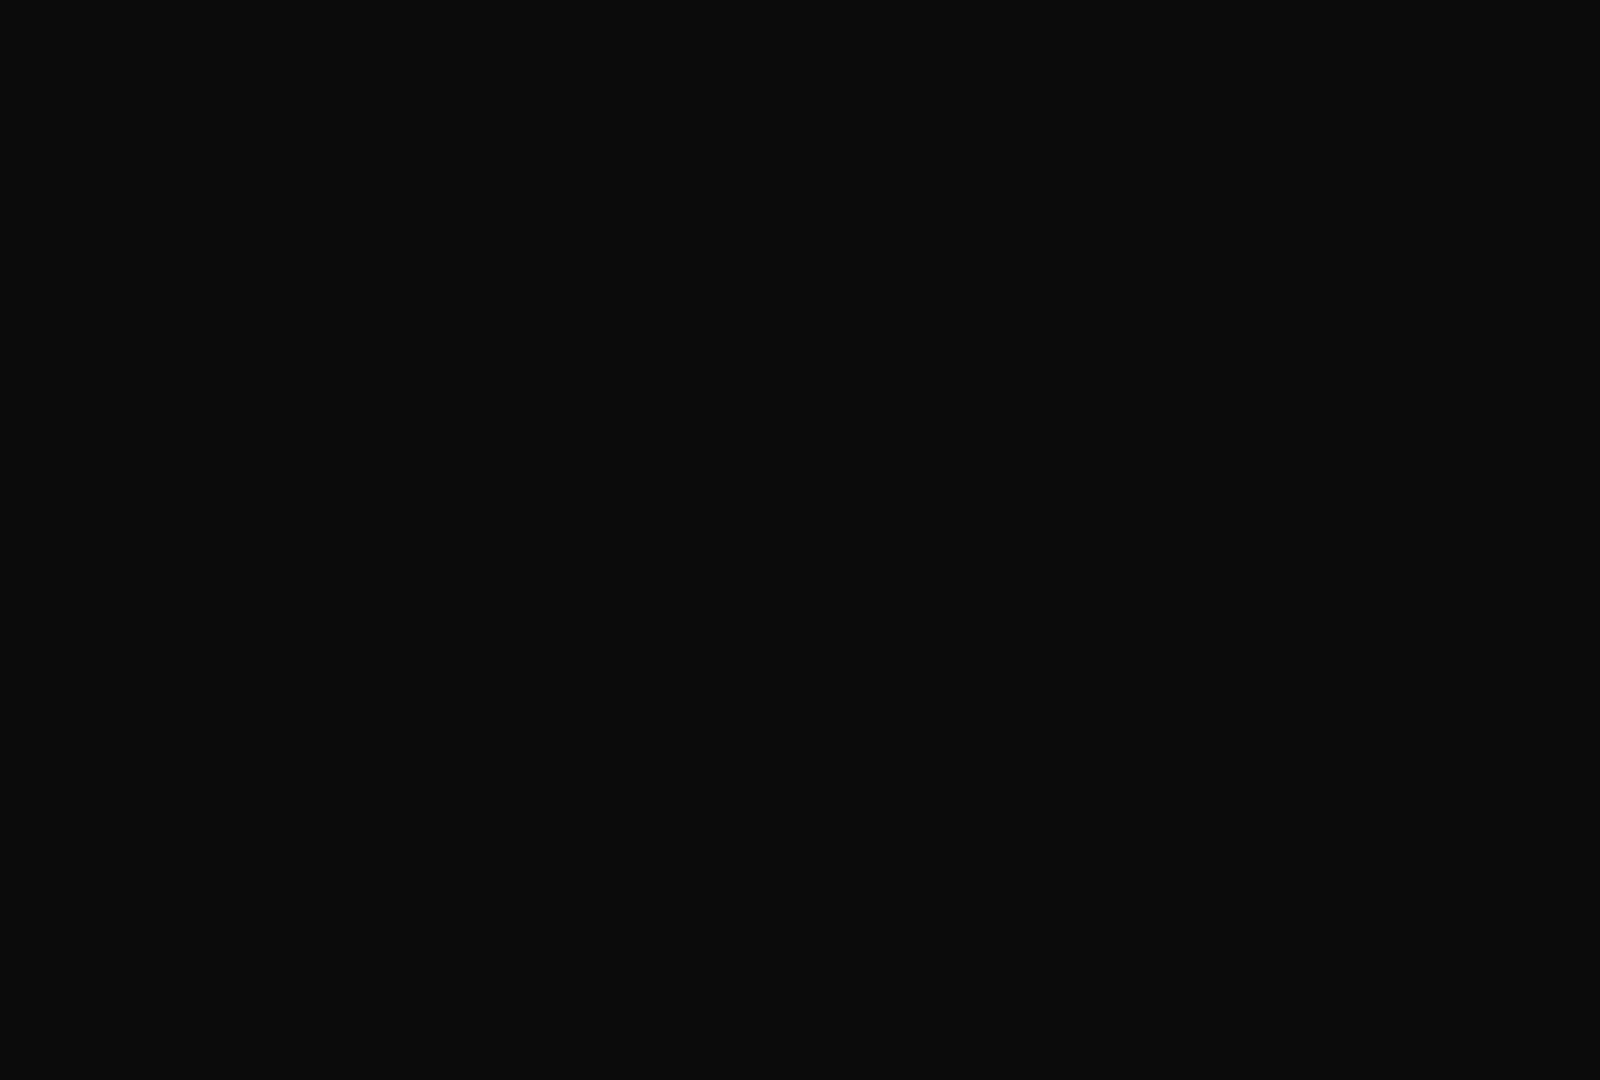 充血監督の深夜の運動会Vol.74 熟女丸裸 | 現役ギャル  96pic 43